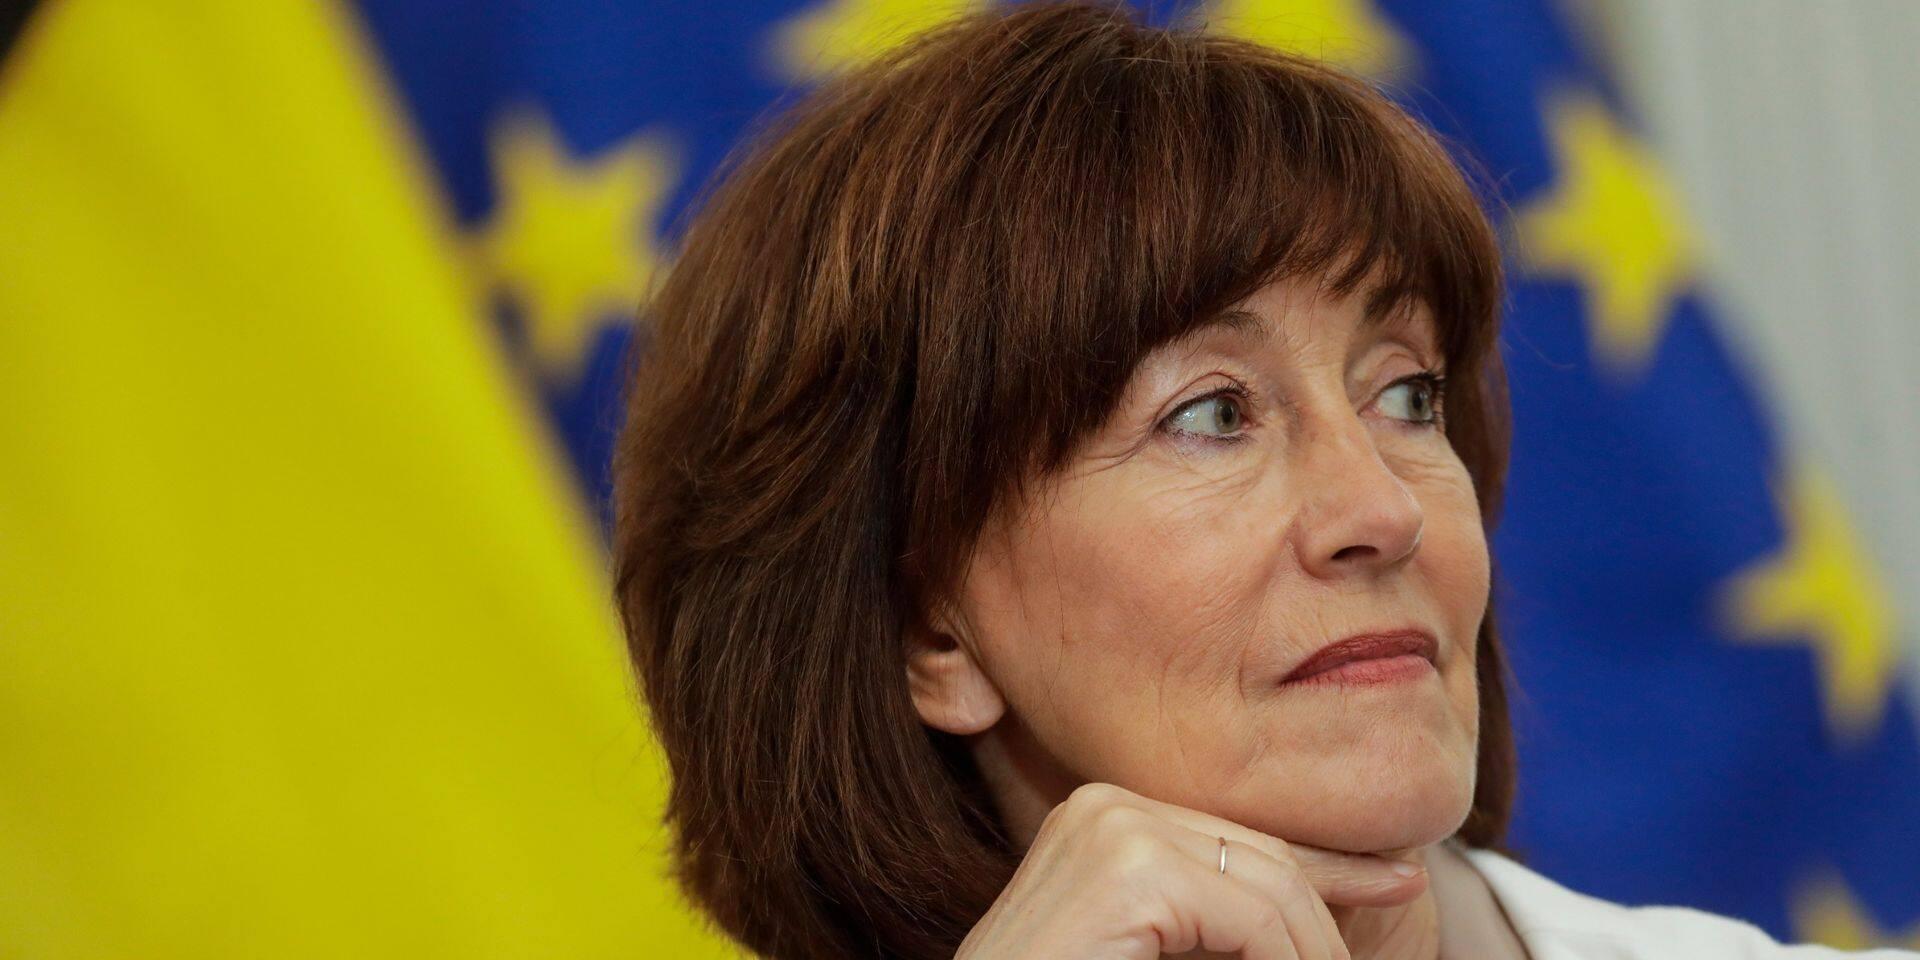 """Des élus PS embarrassés par la candidature d'Onkelinx à l'Europe: """"Cela va à l'encontre de tout ce qu'on veut au parti !"""""""